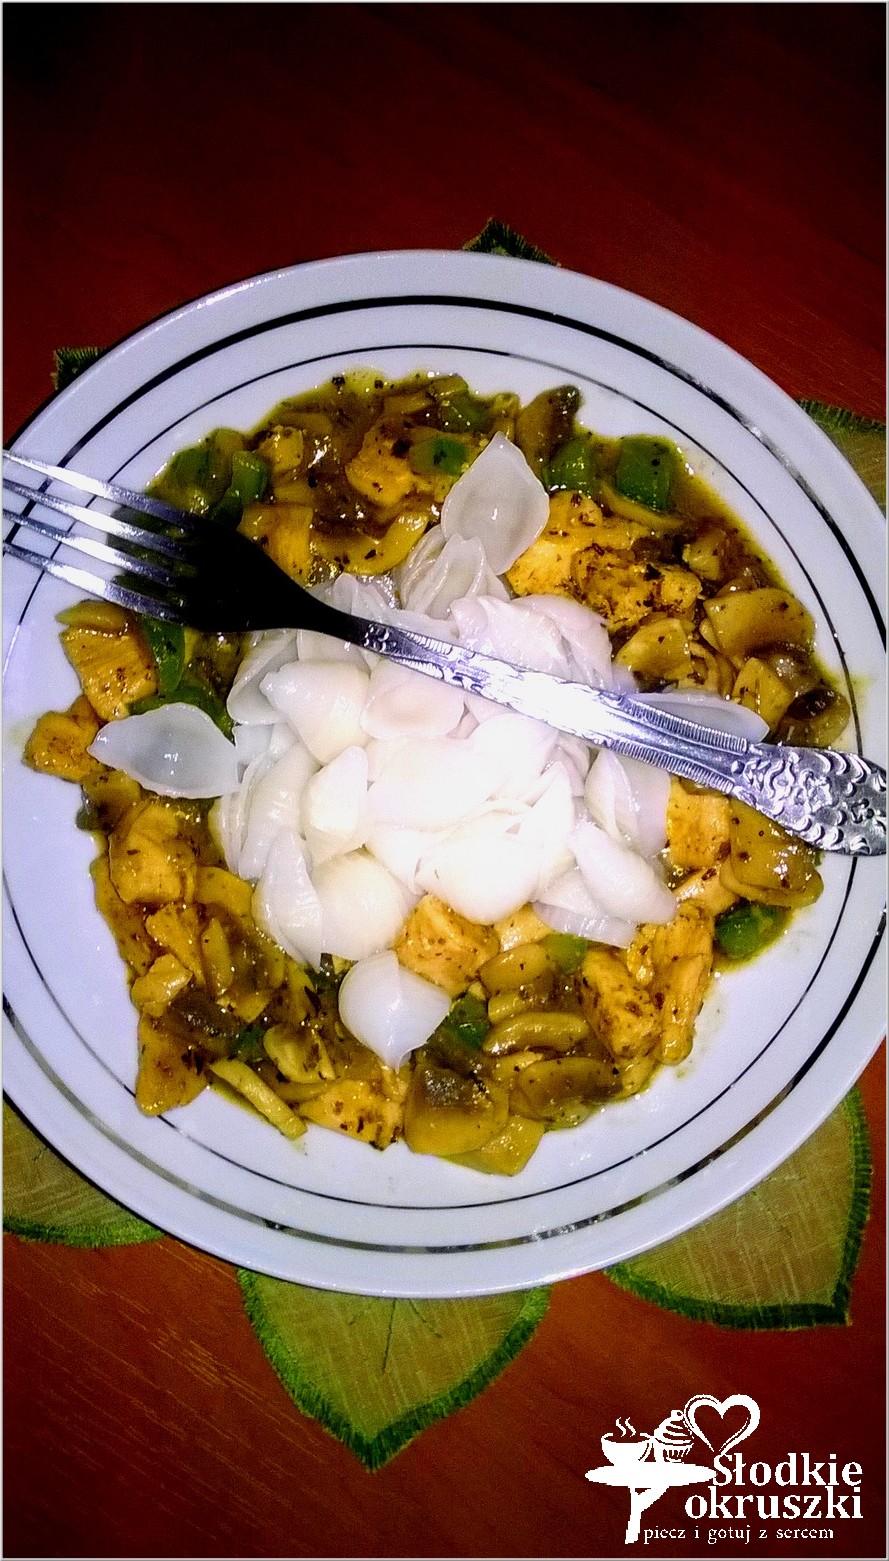 Ryżowe muszelki makaronowe w mięsno-grzybowym sosie. . (1)